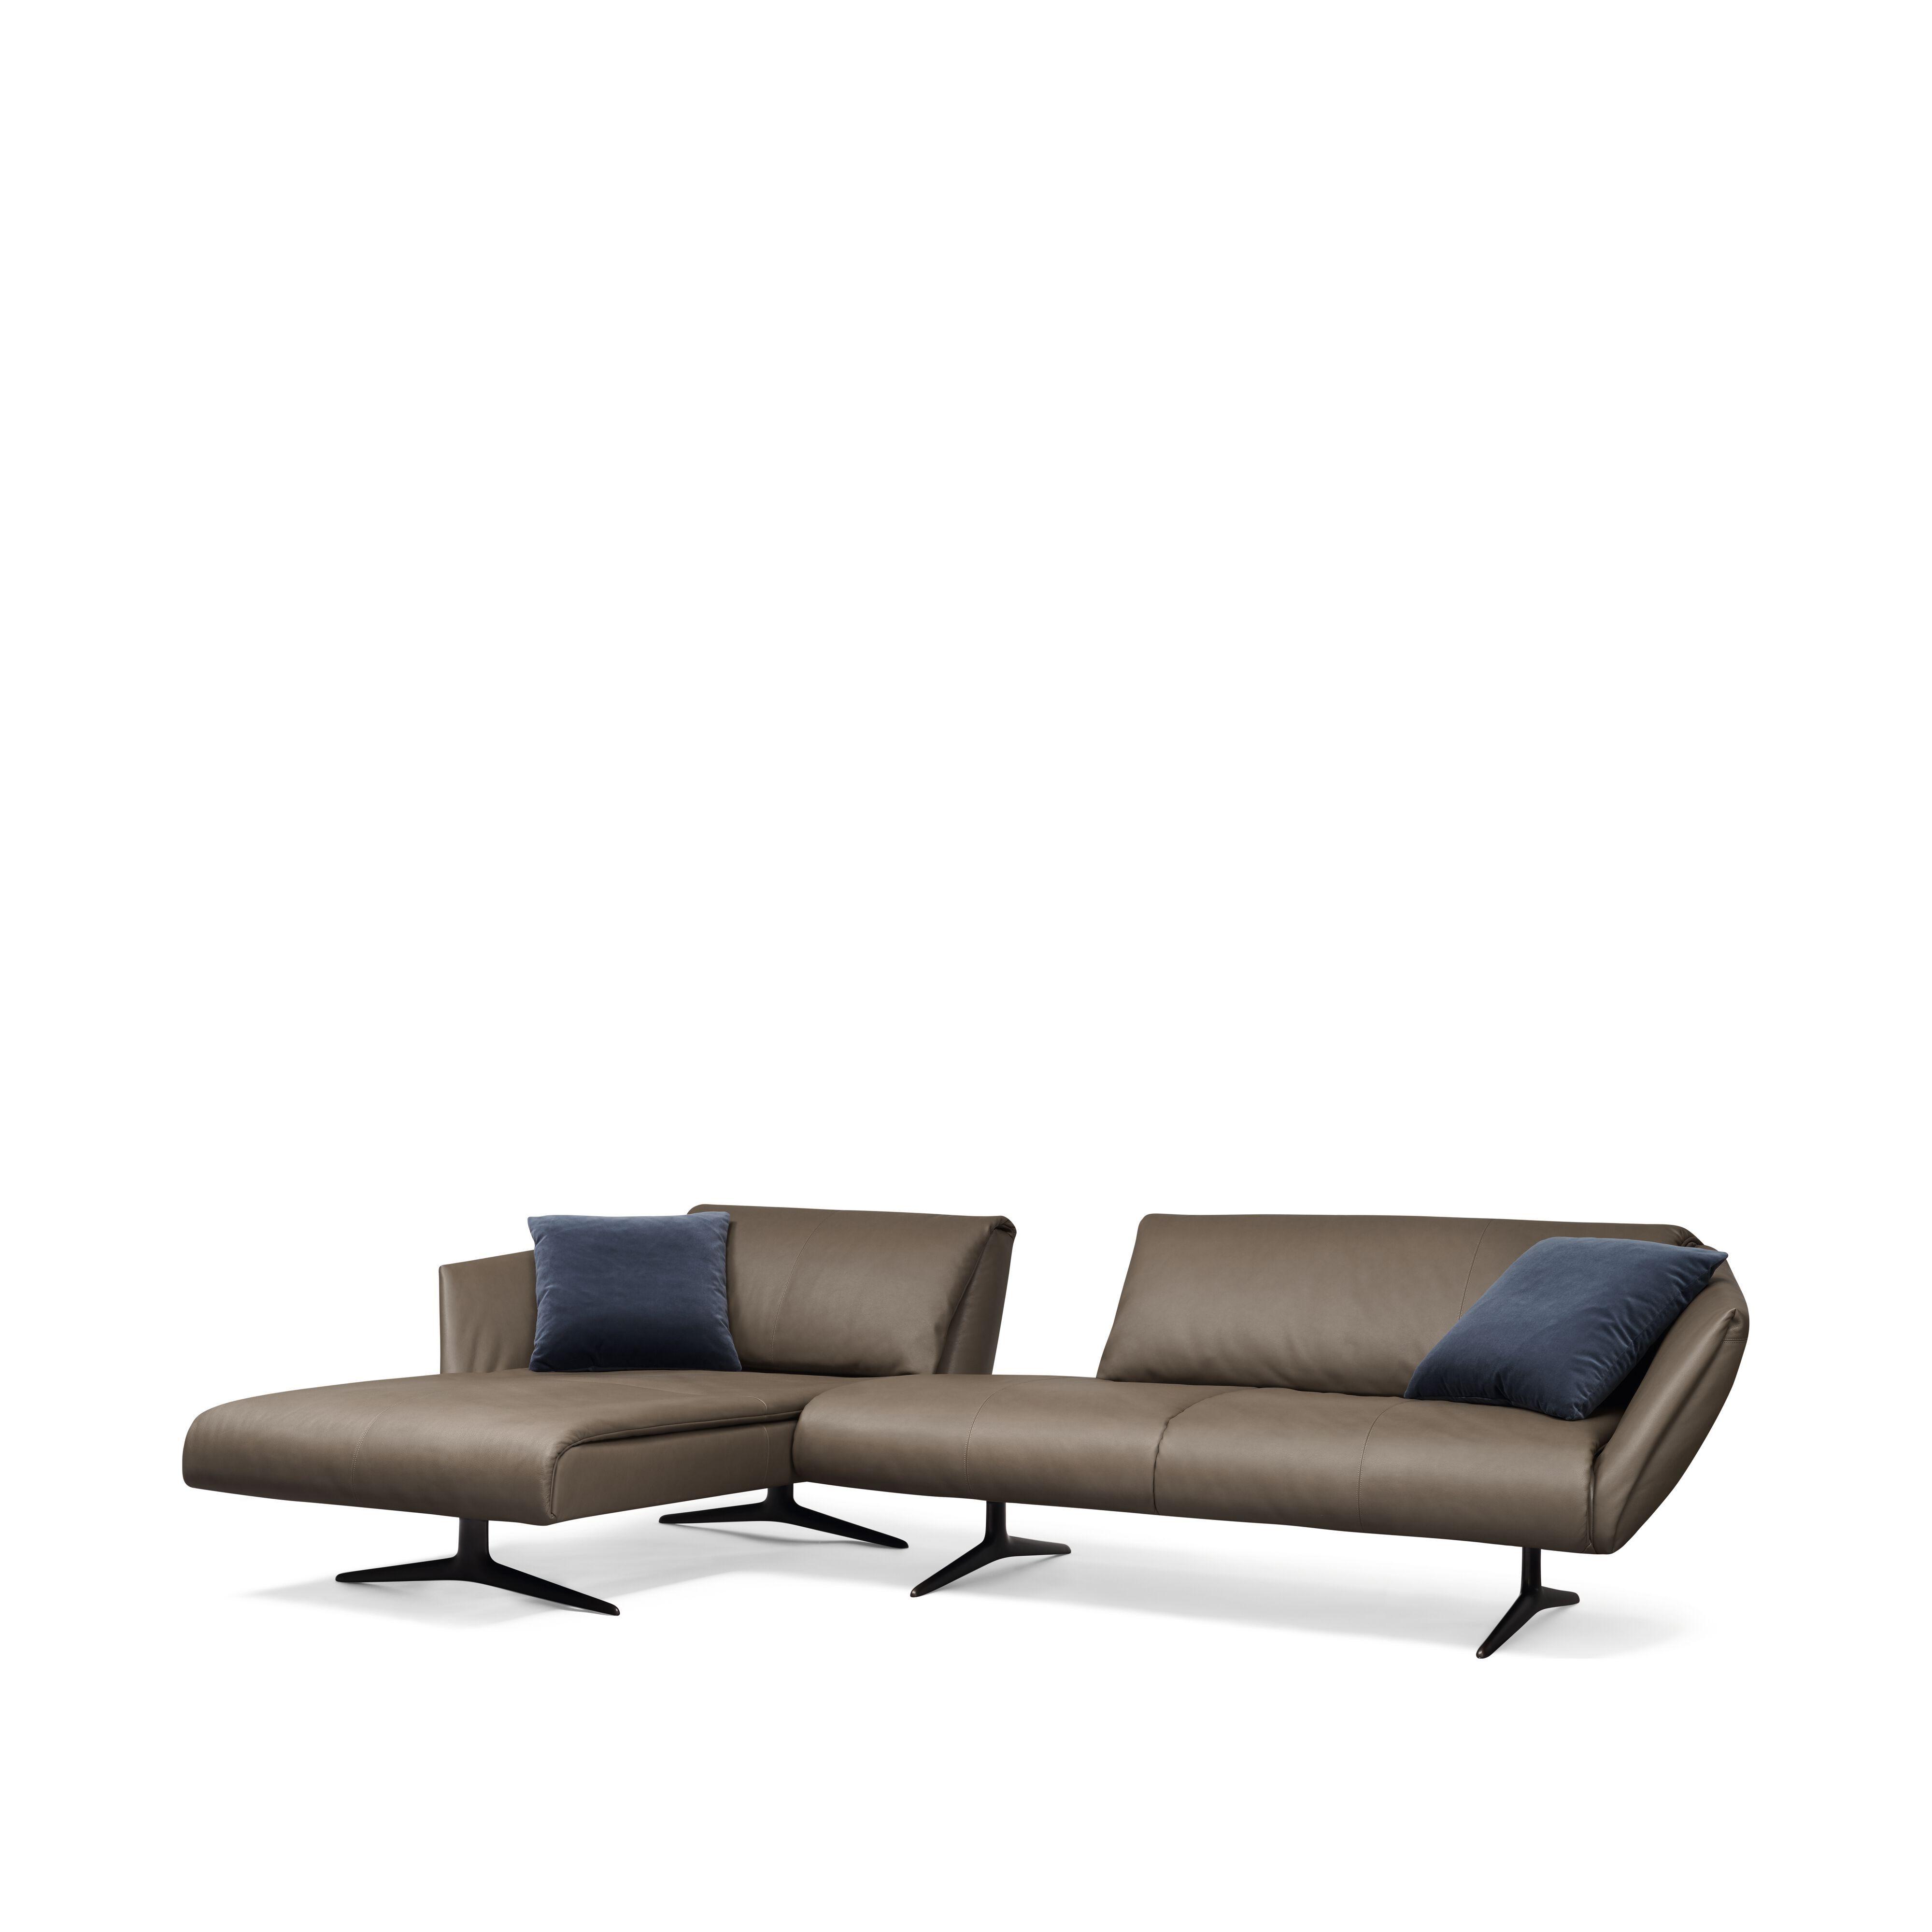 04-WK-Bundle-Sofa-0004-H.tif